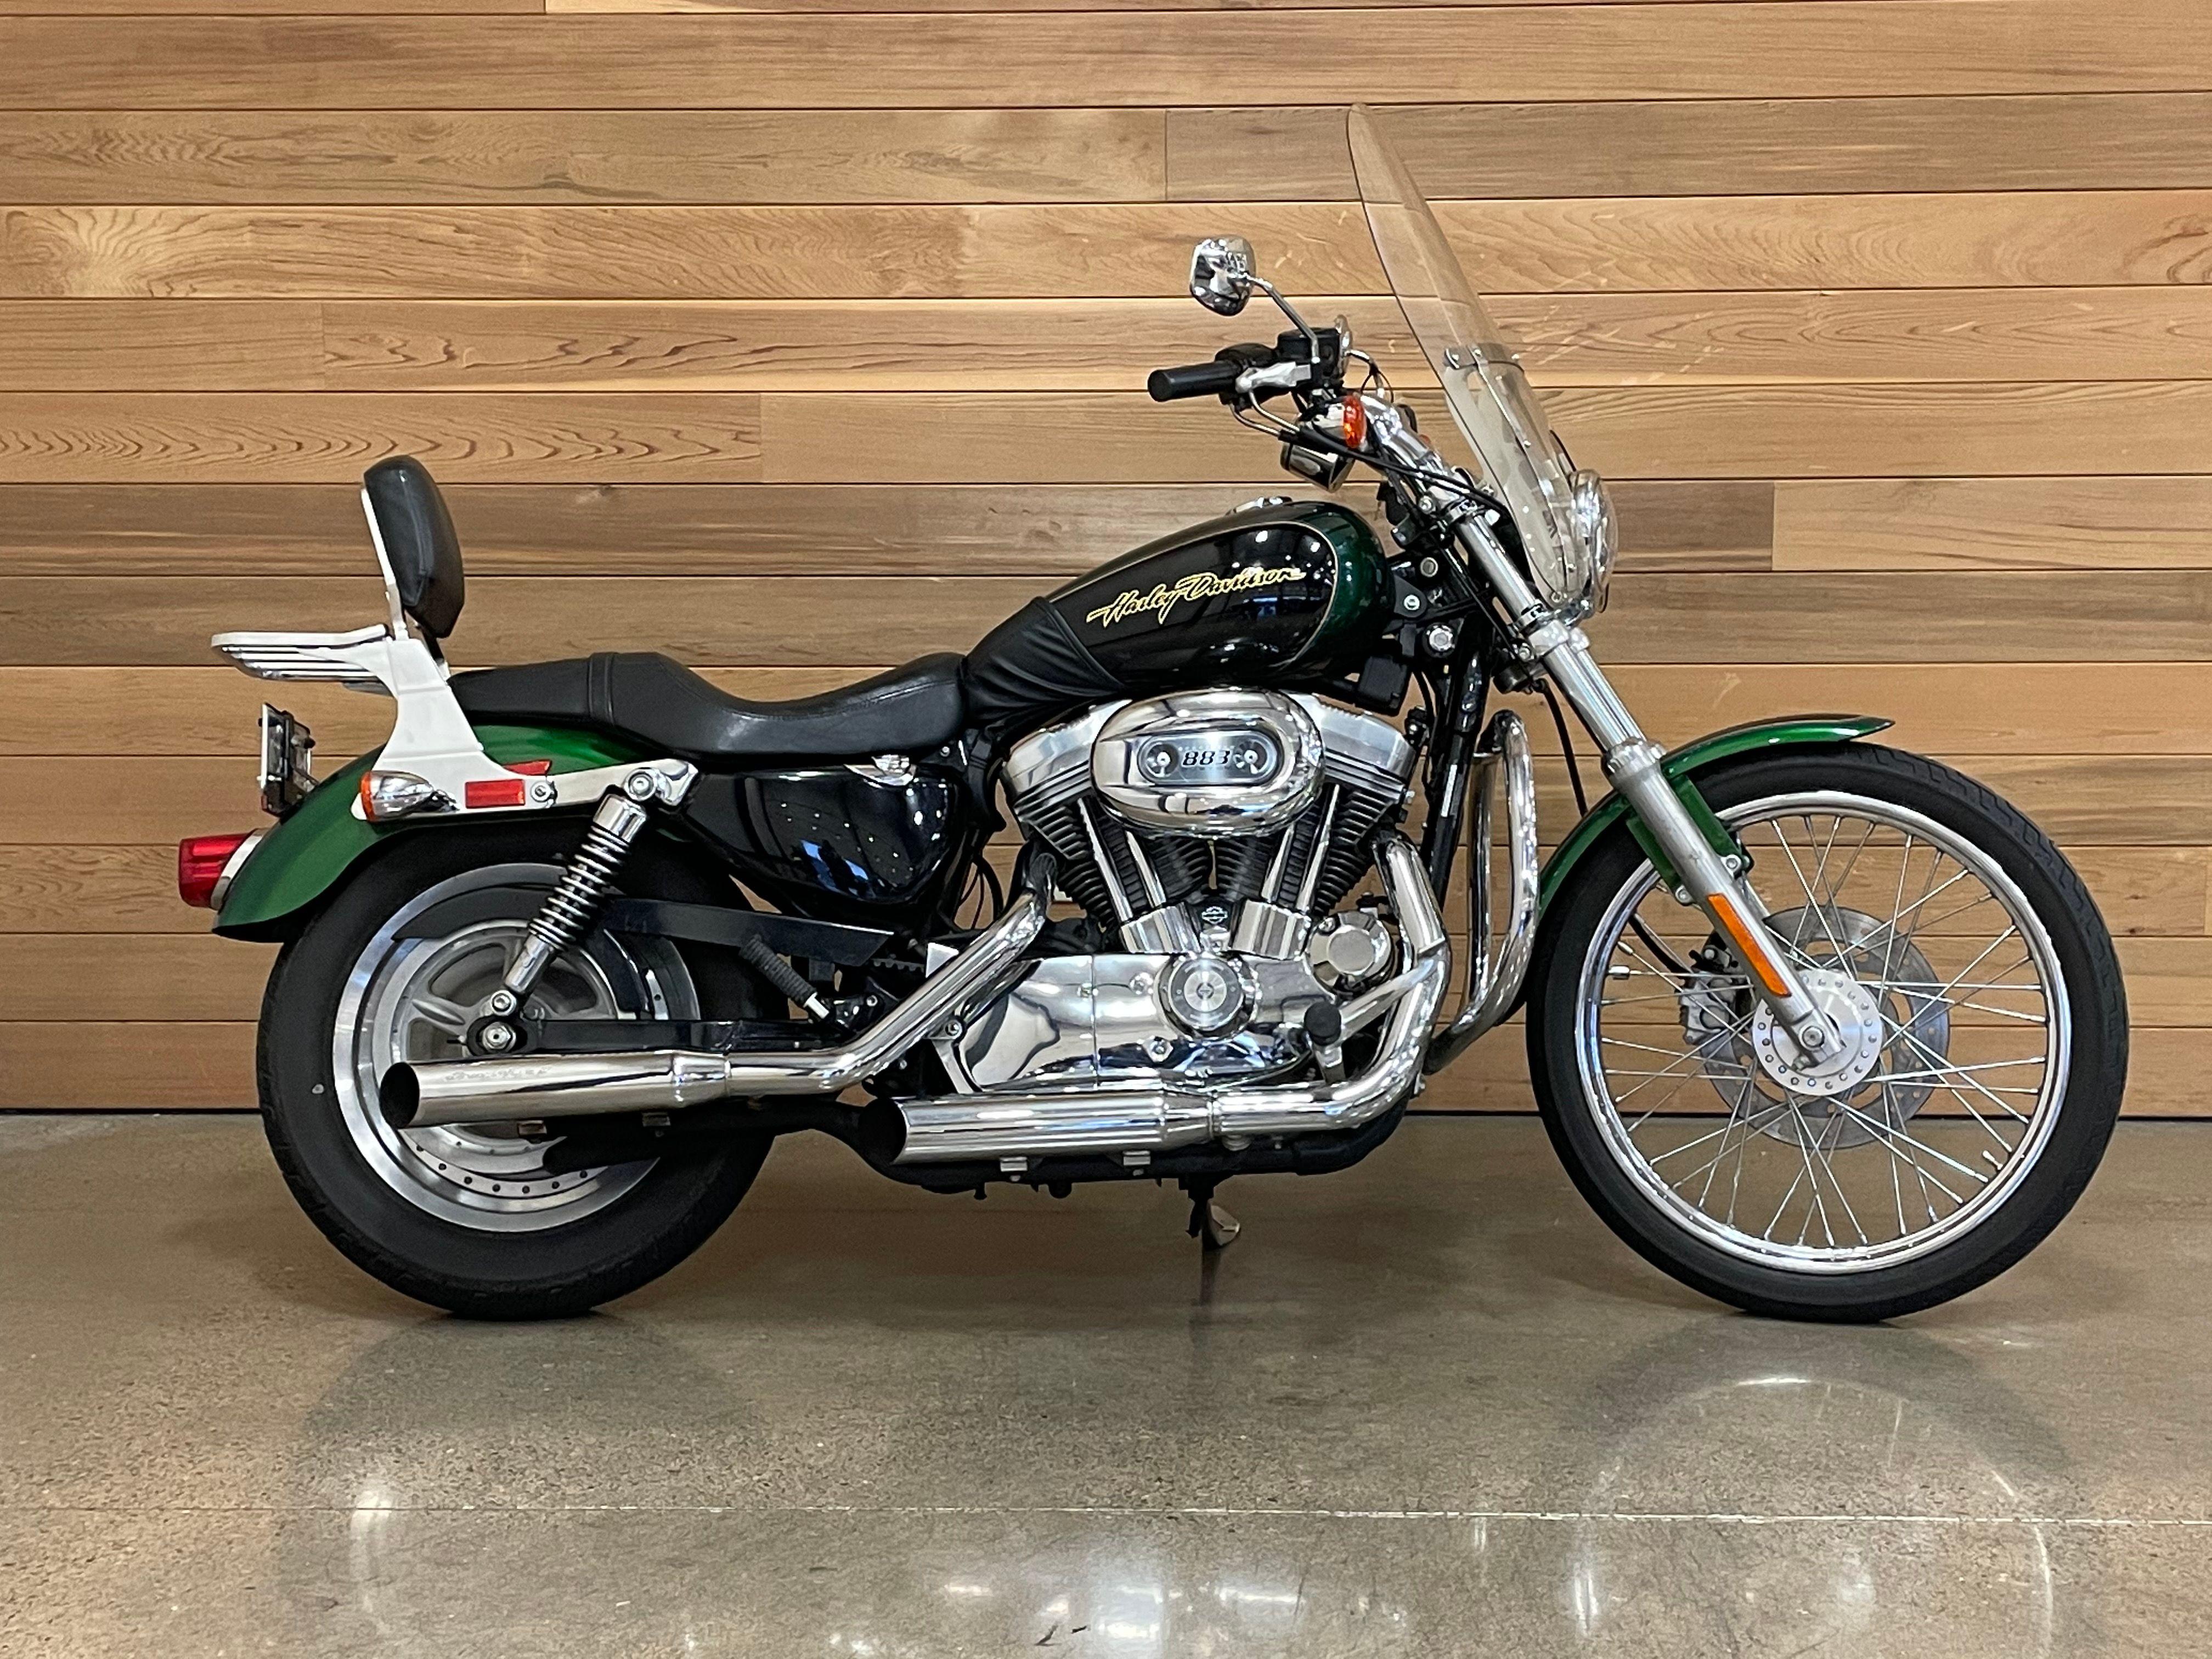 2006 Harley-Davidson 883 Custom